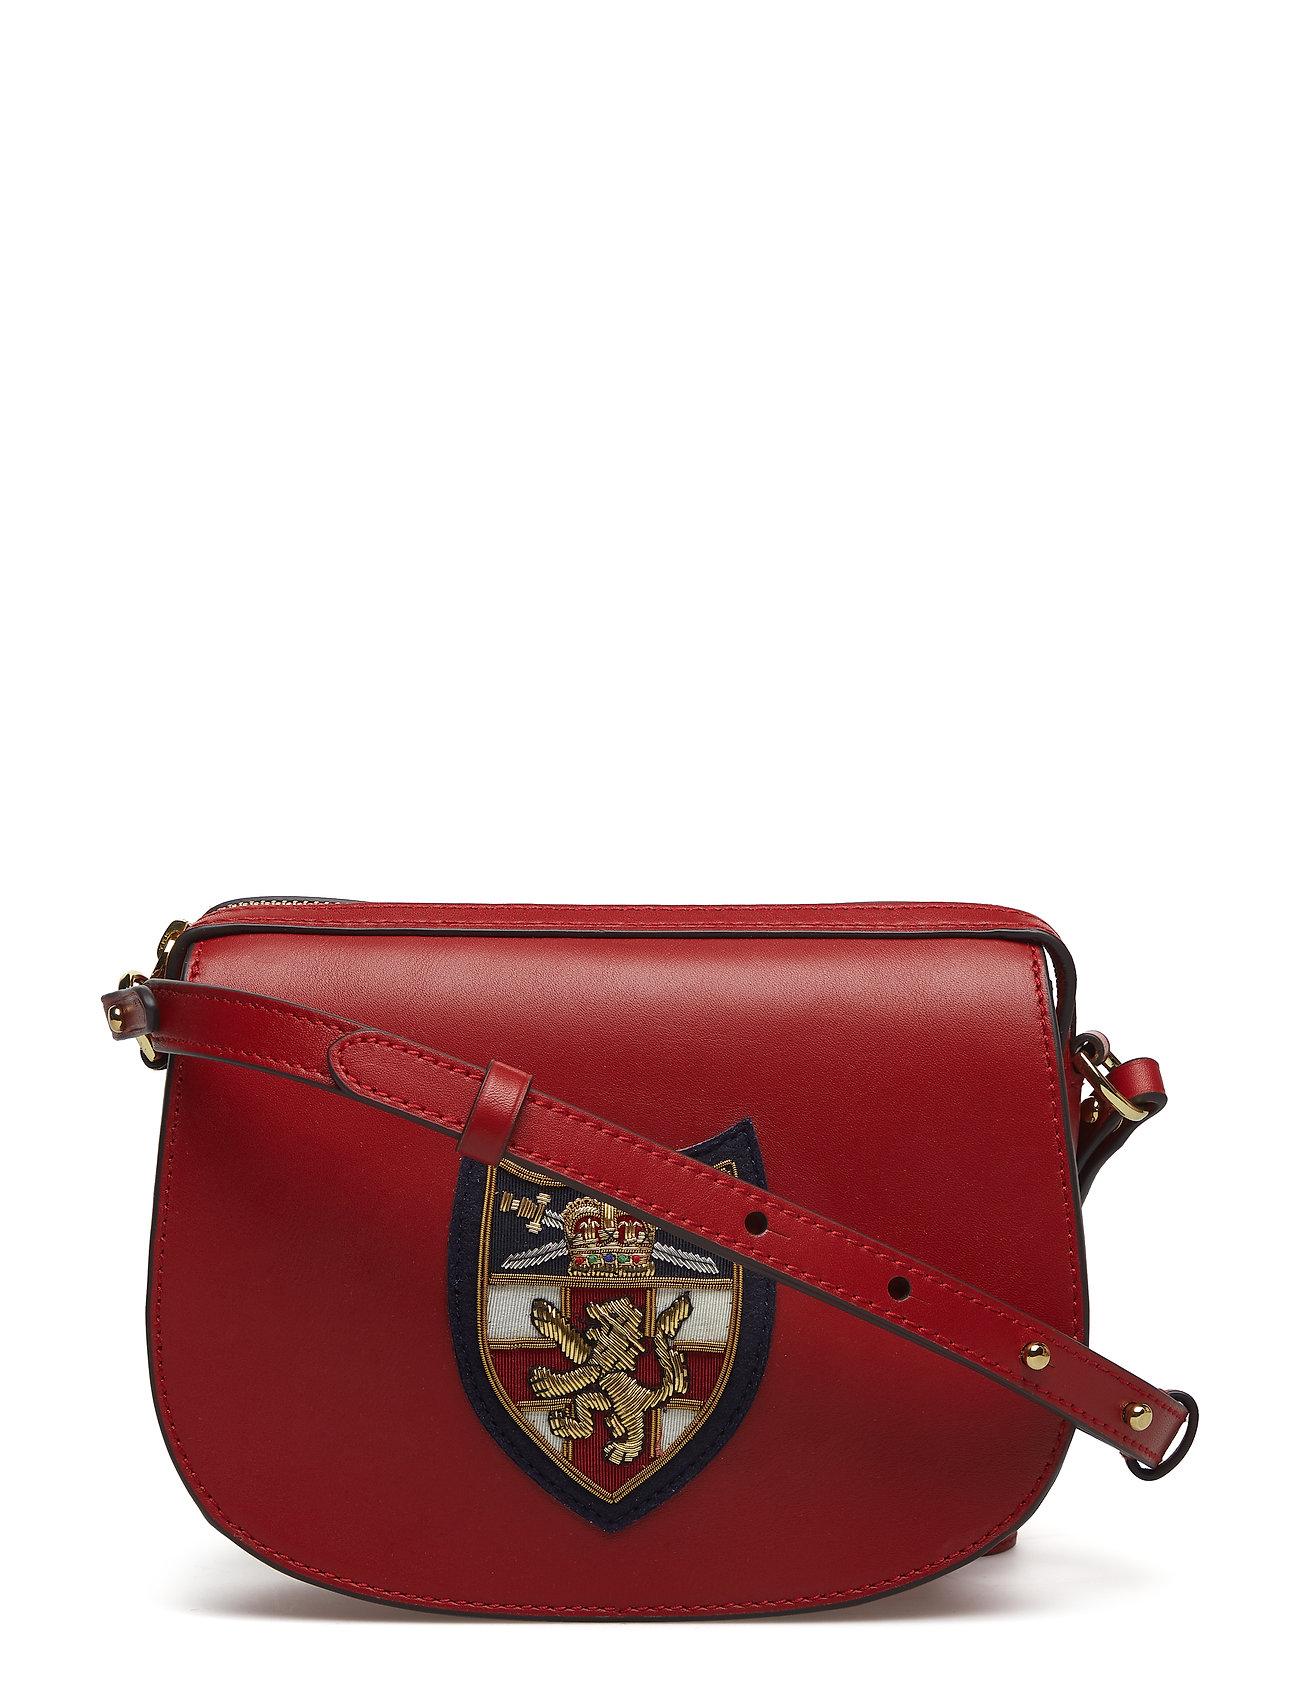 555190955a4d Smth Lthr Gold Crst-bul Mini Bag-cx (Scarlet) (1899 kr) - Polo Ralph ...